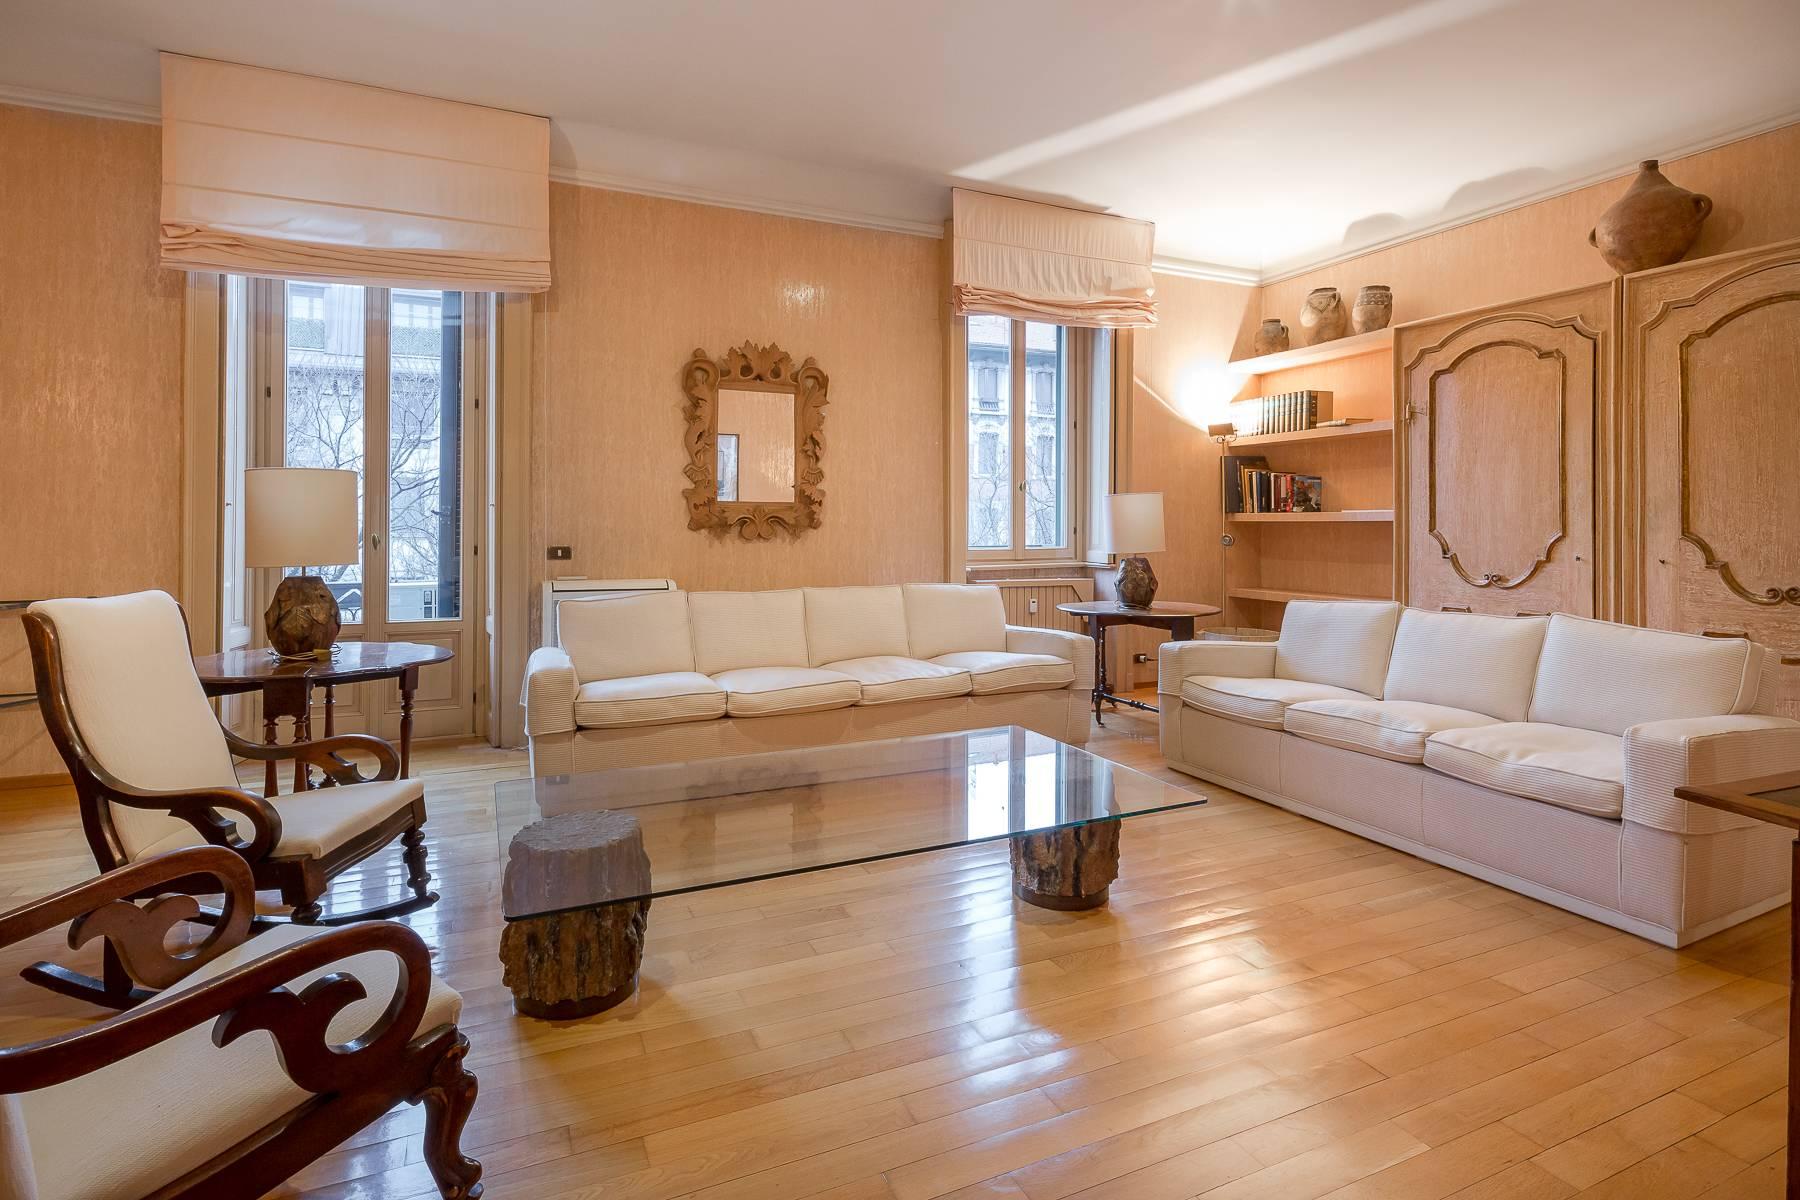 Appartamento in Vendita a Milano: 4 locali, 161 mq - Foto 5